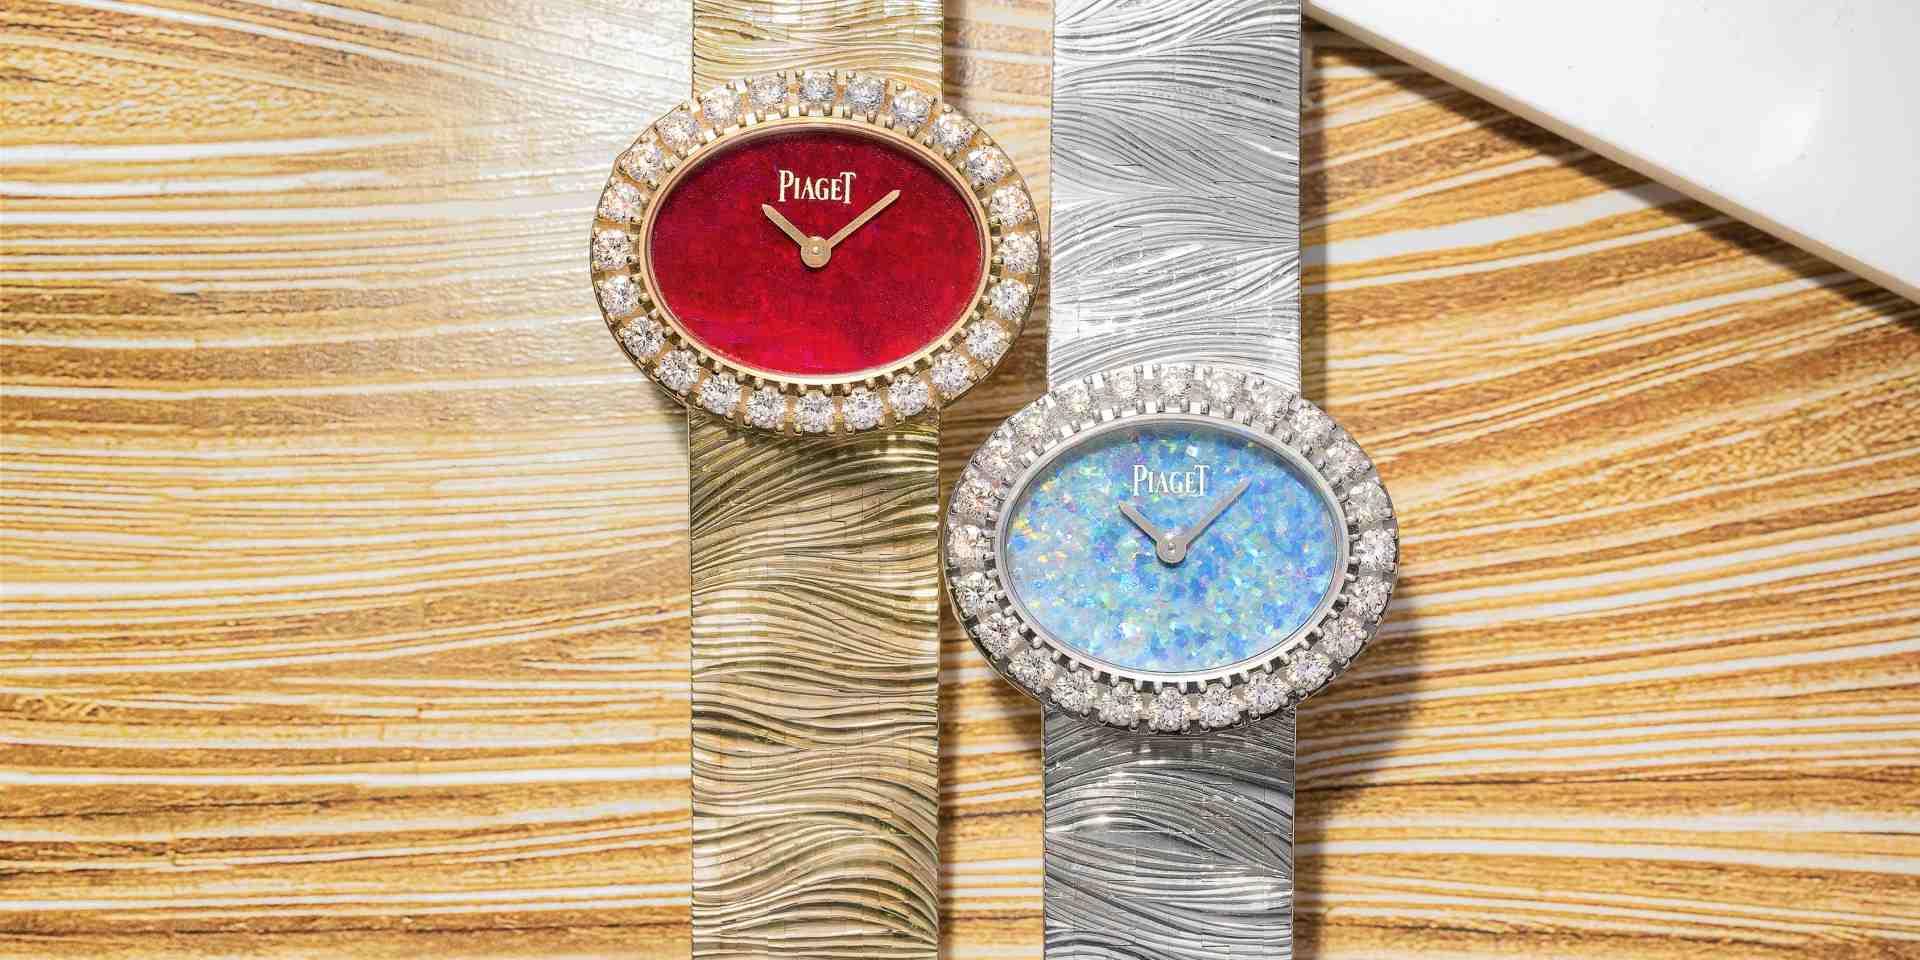 前美國第一夫人賈桂琳甘迺迪九十冥誕,PIAGET以Extremely Lady系列珠寶腕錶致敬傳奇魅力